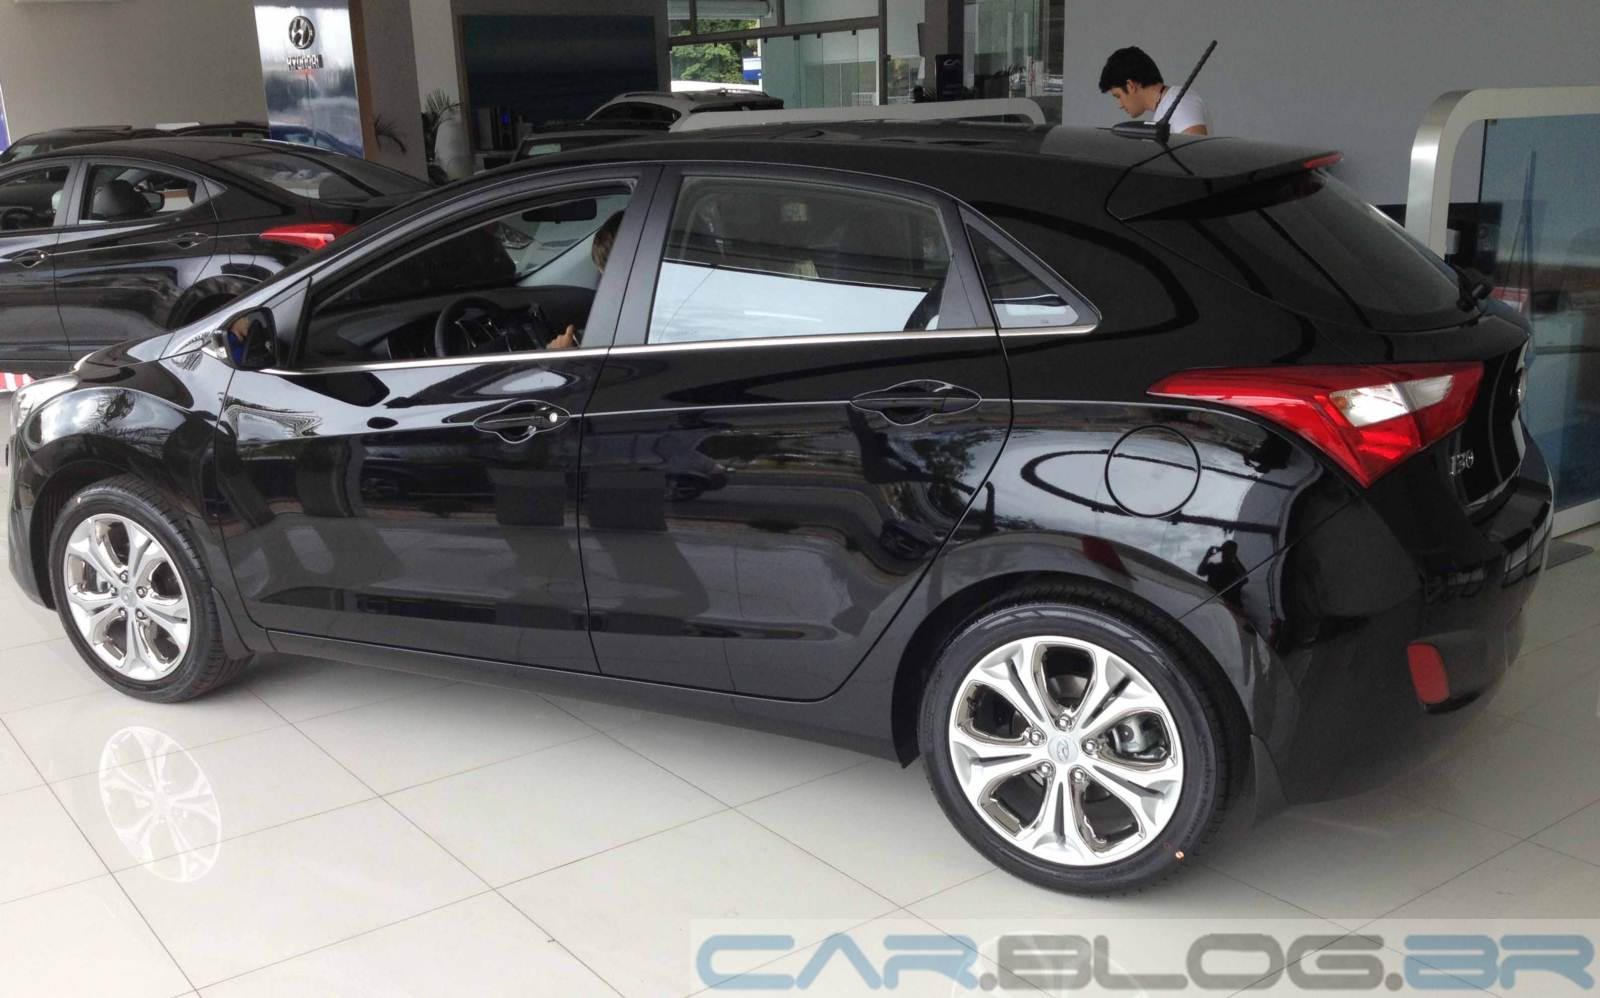 http://4.bp.blogspot.com/-8mlMWcyCf0Y/USp41T3B3tI/AAAAAAAA5fA/EQ-WIs1OfnE/s1600/Hyundai-i30-2014-top-de-linha%20(14).JPG